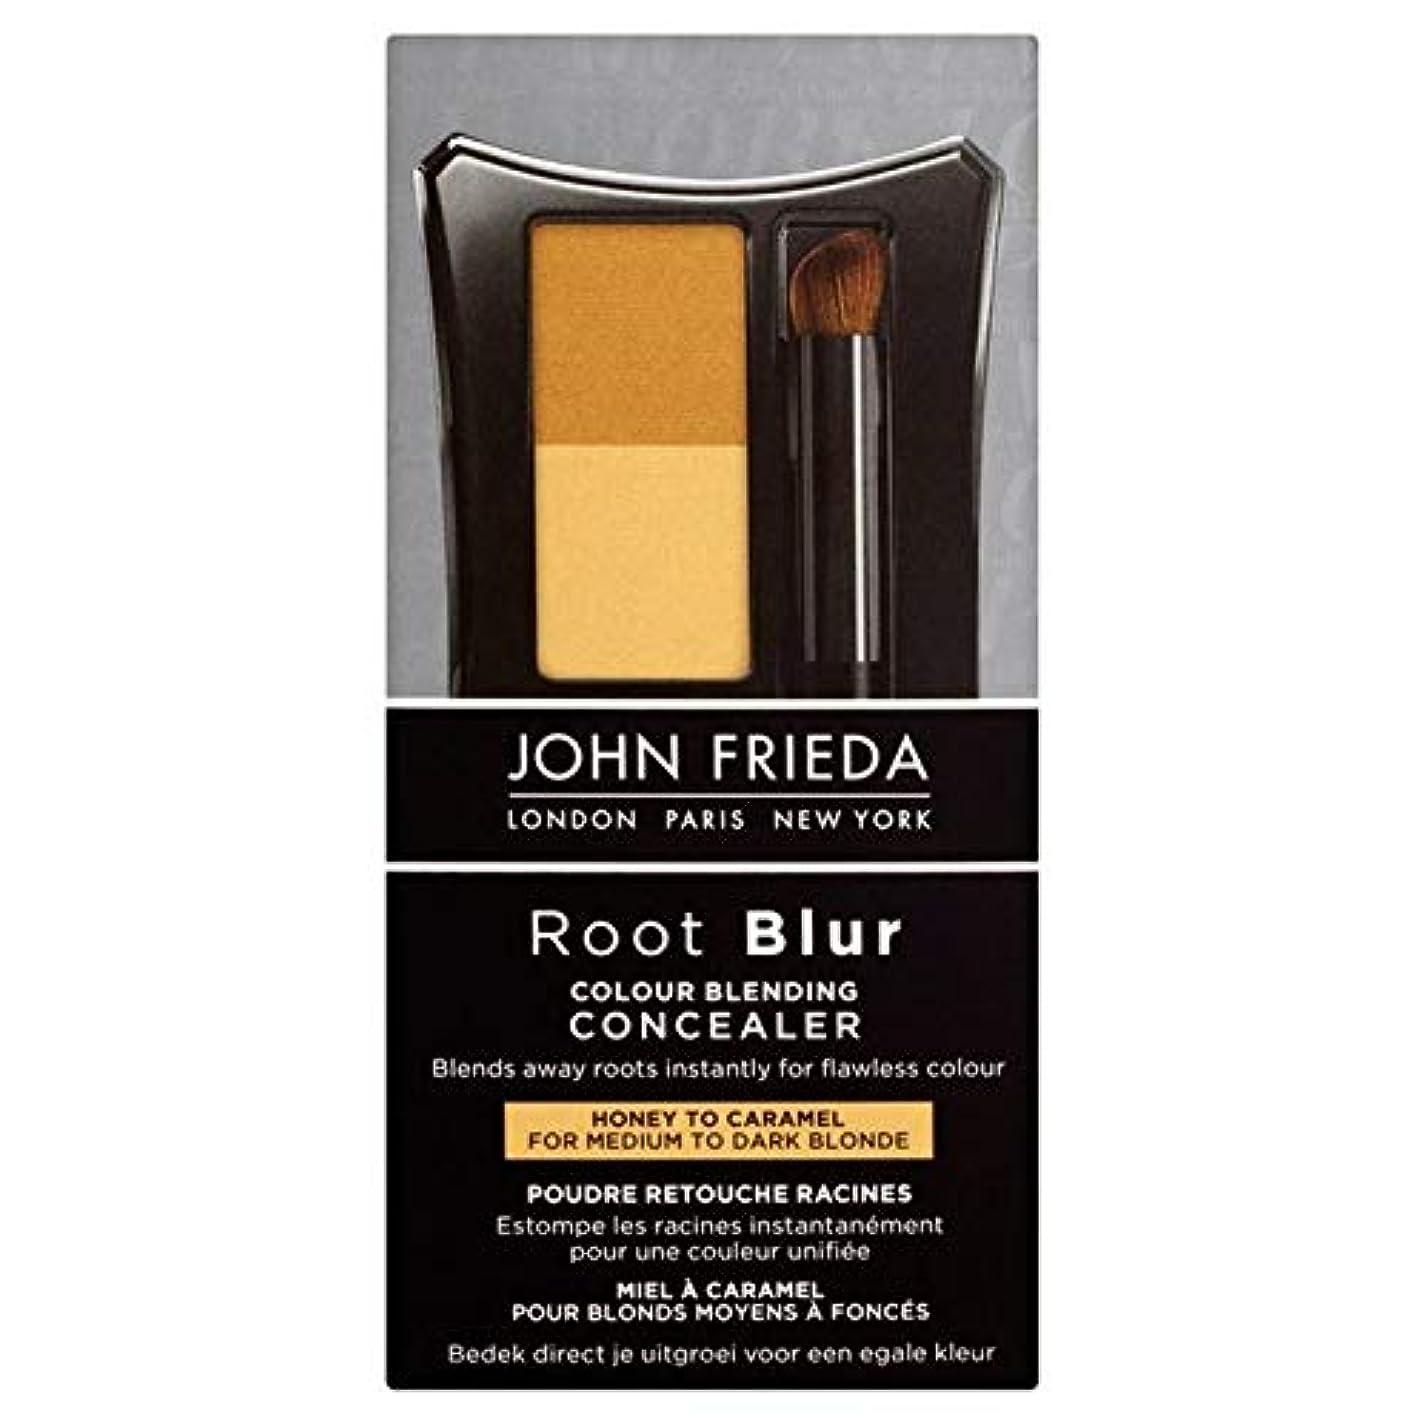 擬人化アナリスト元の[John Frieda ] キャラメルの90グラムにコンシーラー蜂蜜をブレンドジョン?フリーダルートぼかし色 - John Frieda Root Blur Colour Blending Concealer Honey to Caramel 90g [並行輸入品]